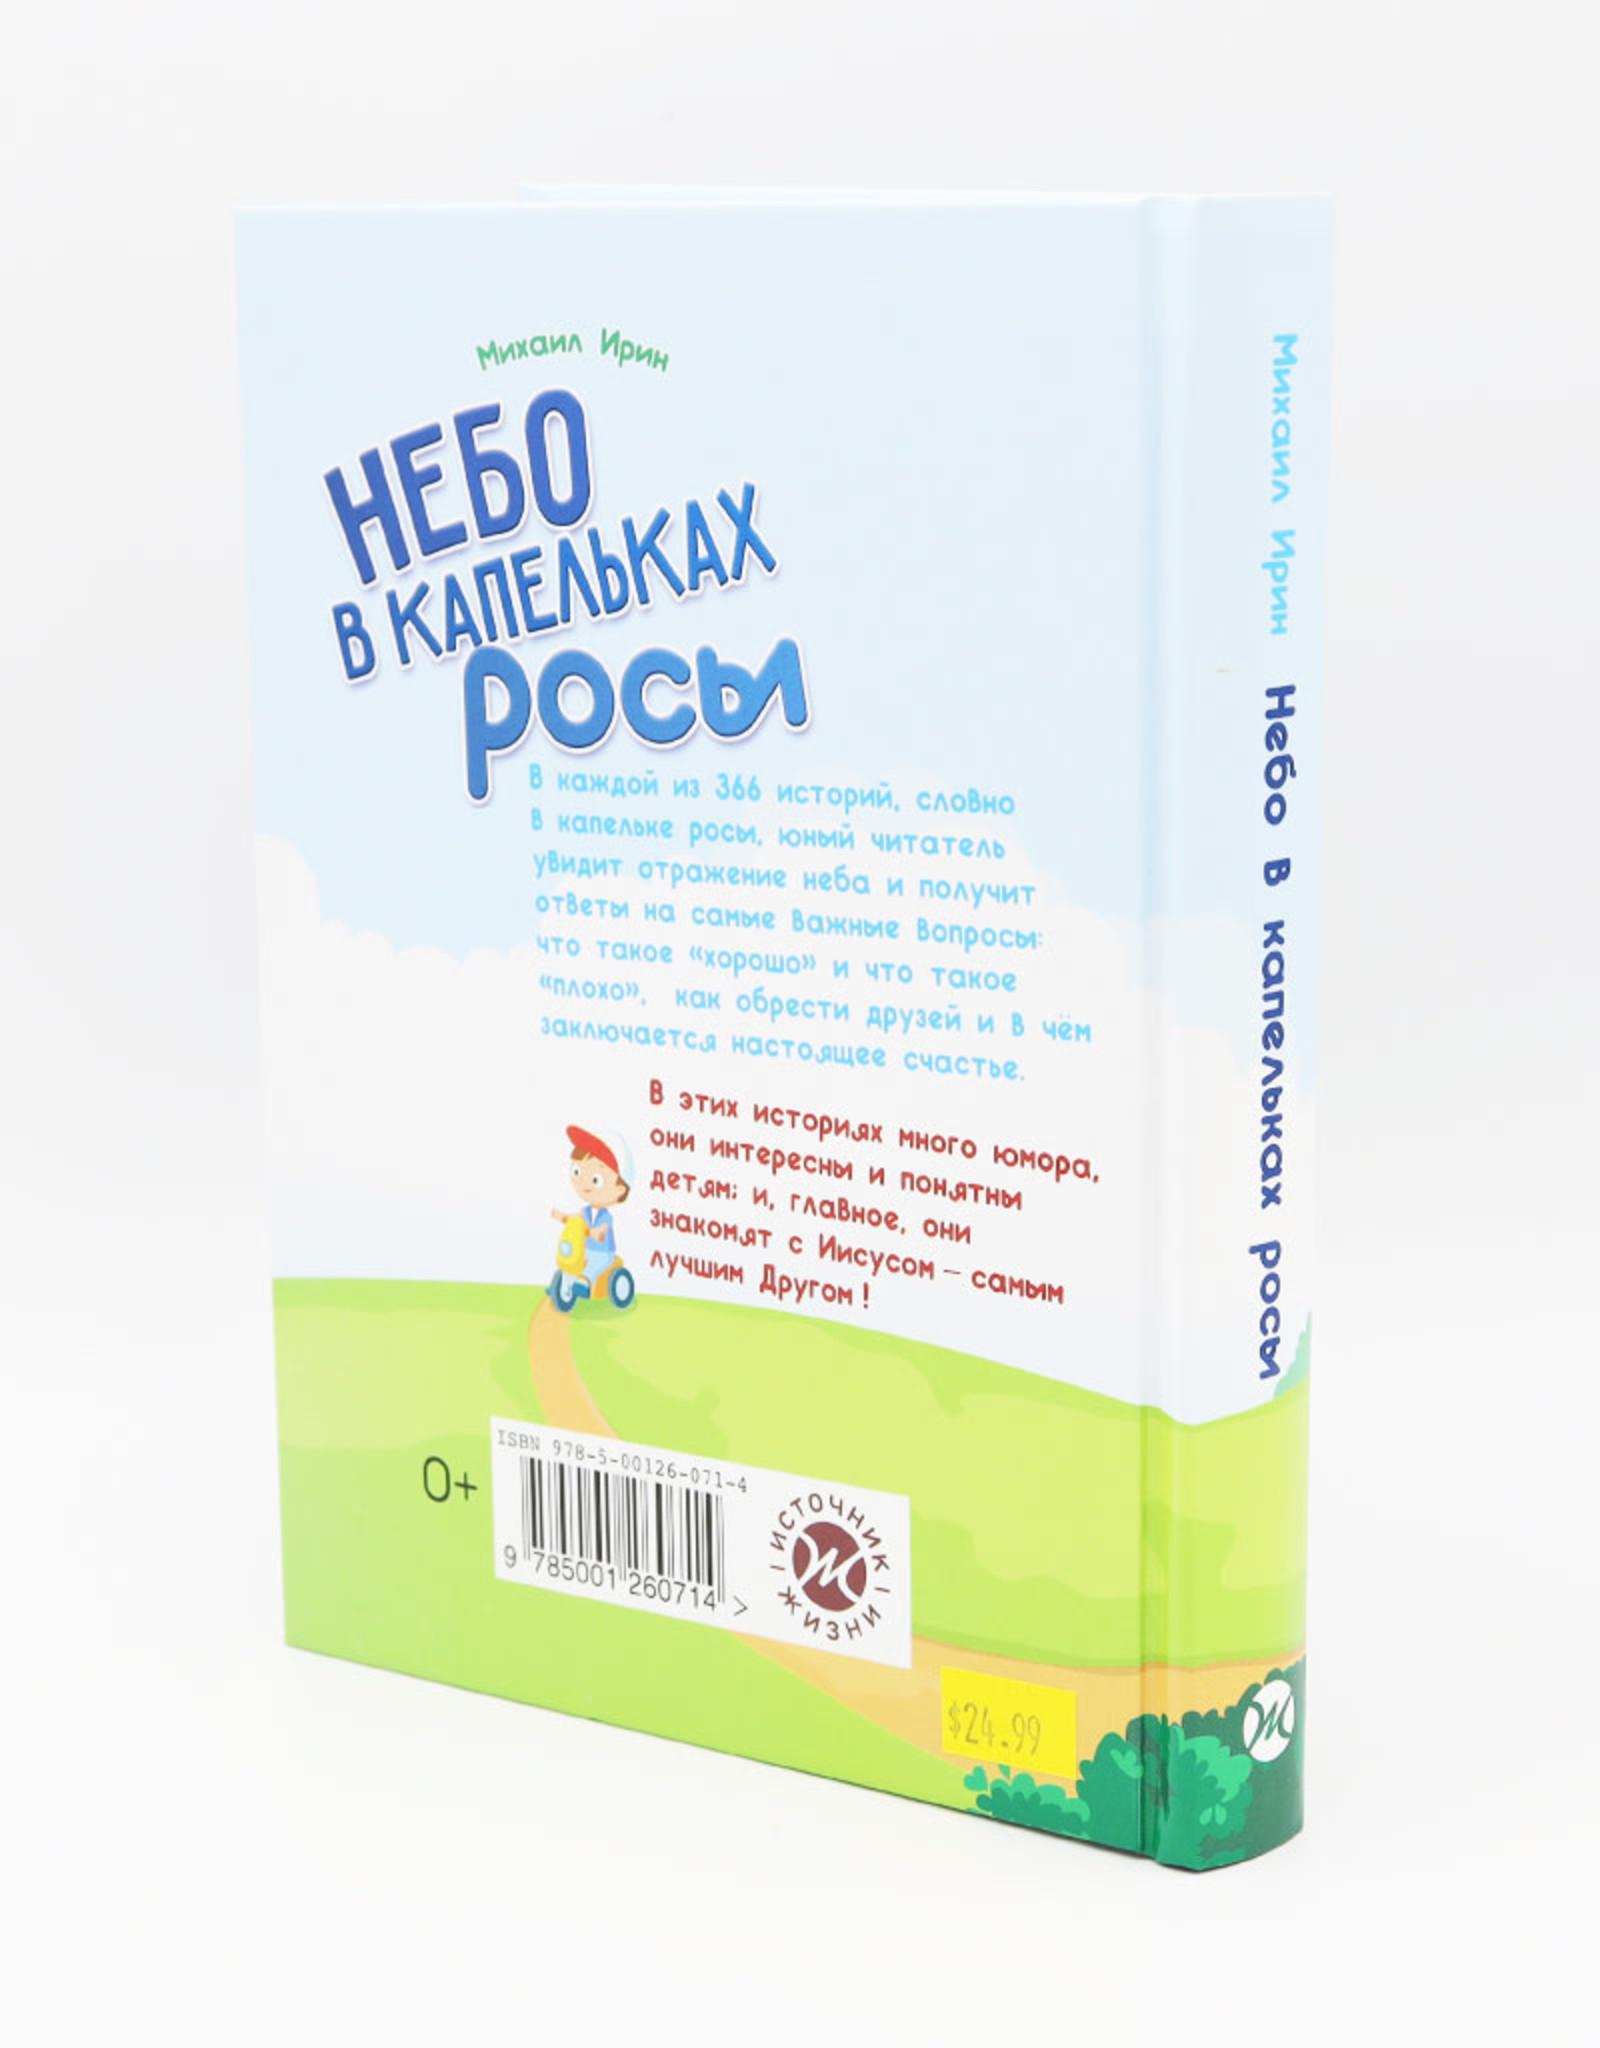 Небо в Капельках Росы, 365+1 мудрых историй для смышленых детей